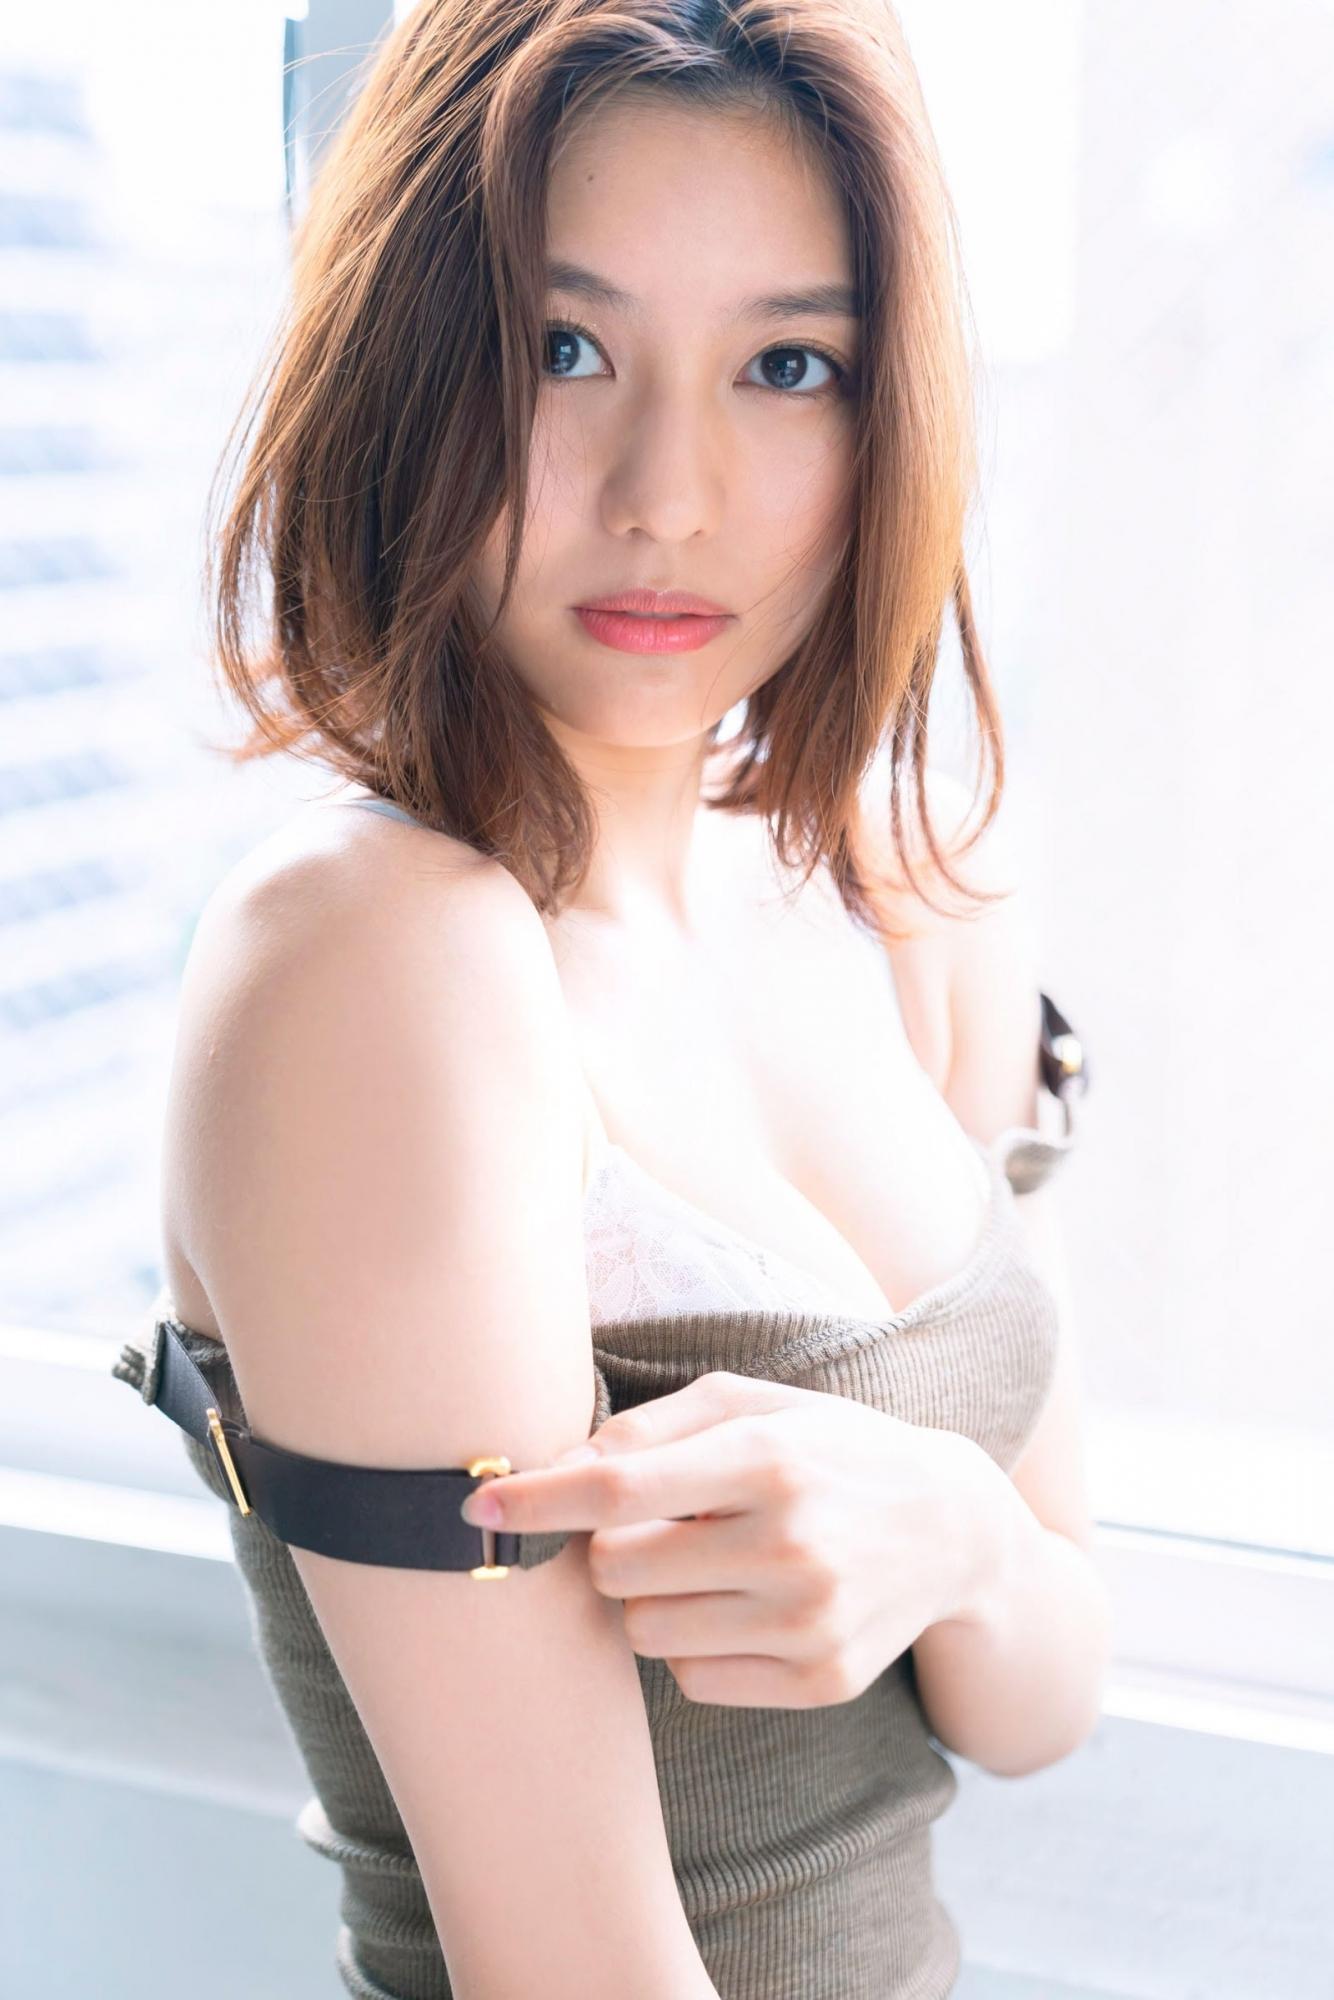 赛车皇后林梦新写真F胸大长腿性感出击 网络美女 第2张